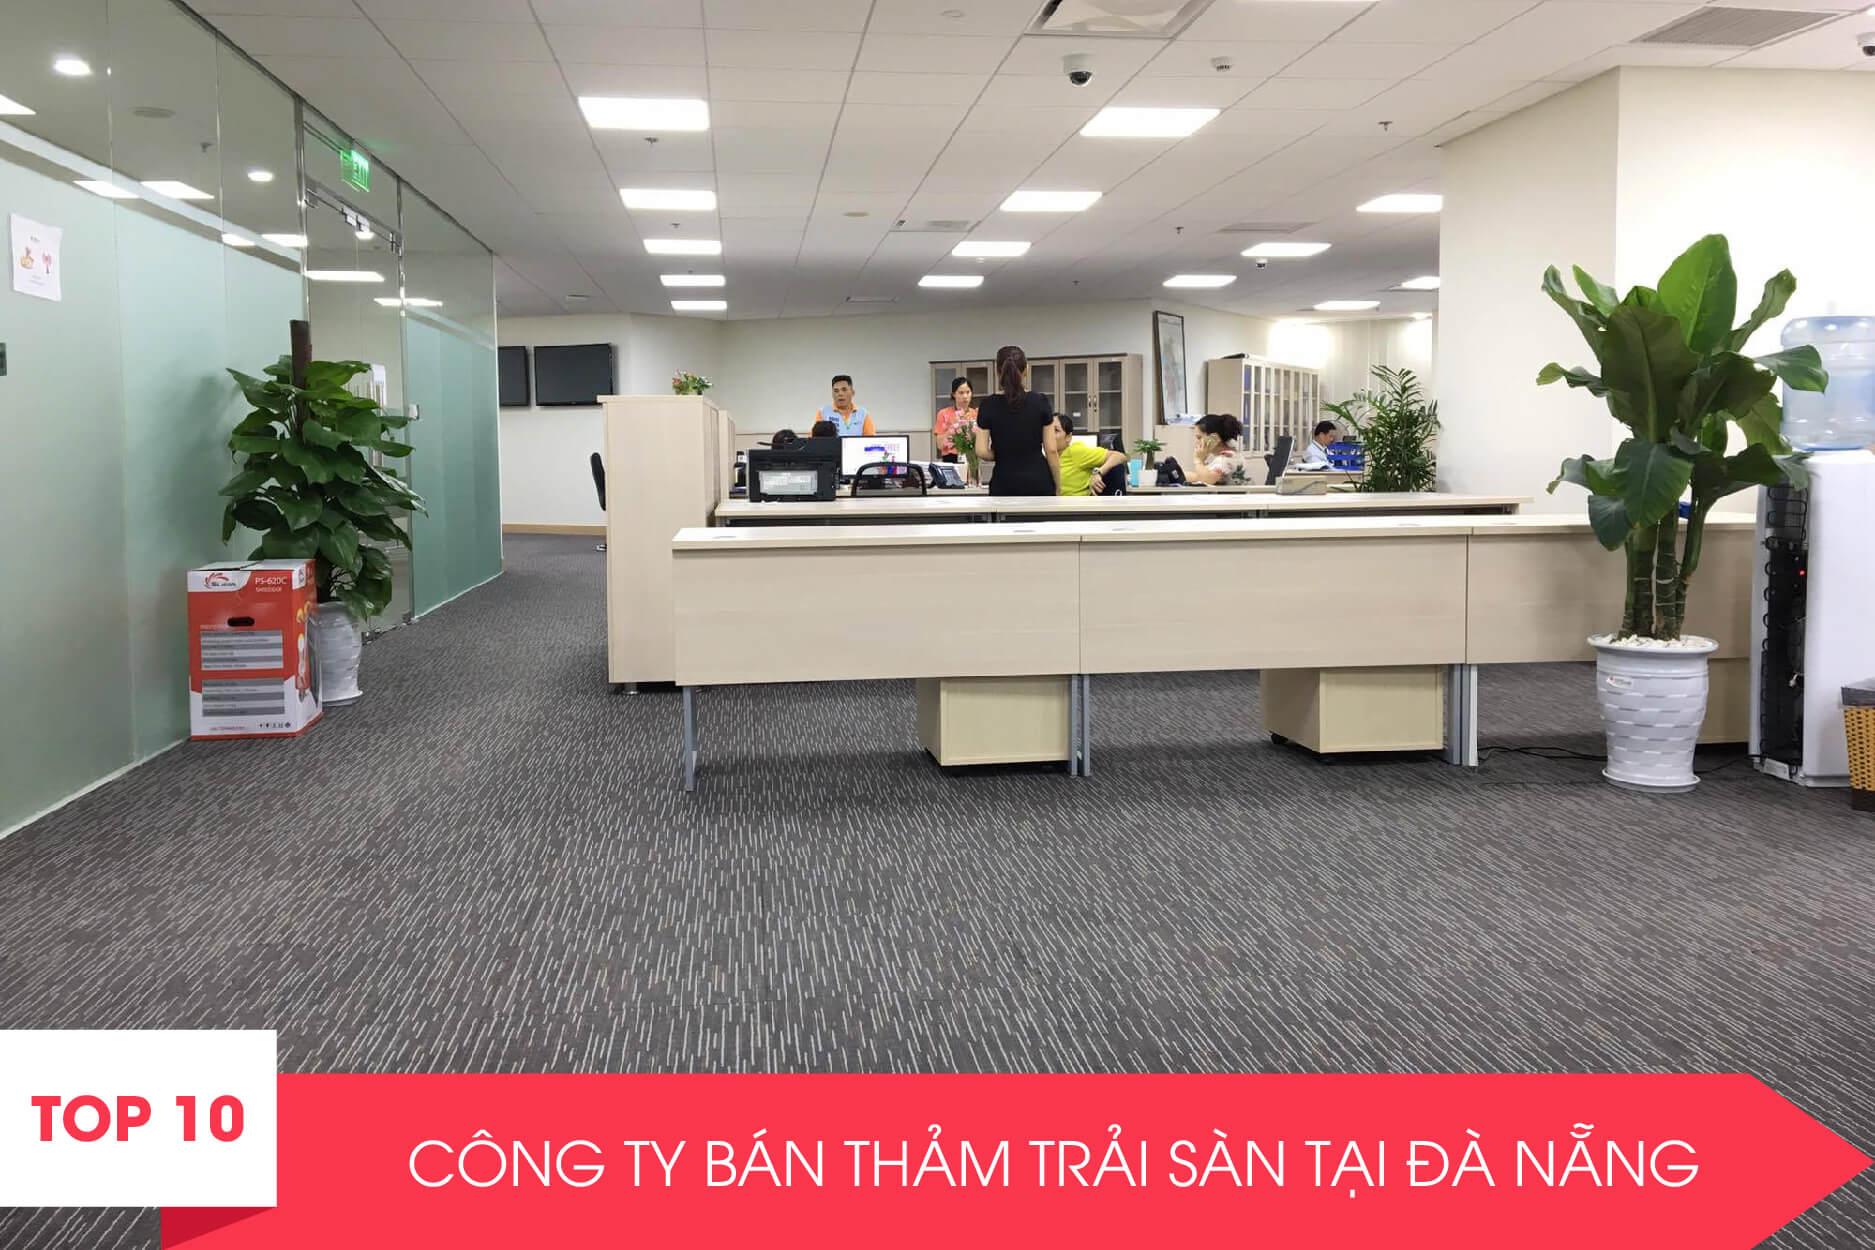 tham-trai-san-da-nang-04